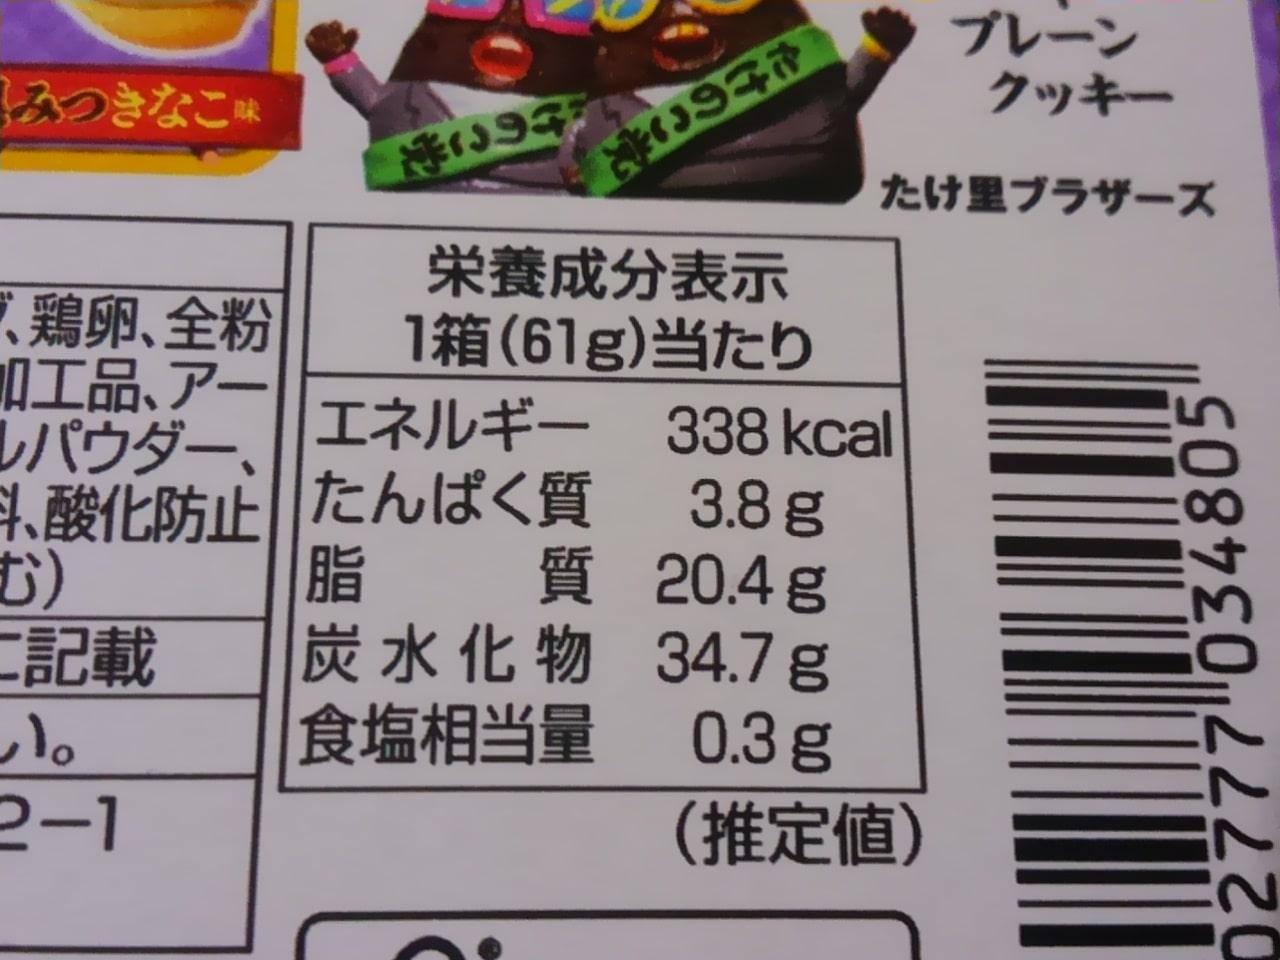 明治のたけのこの里 黒みつきなこ味の感想・口コミ・カロリー・値段